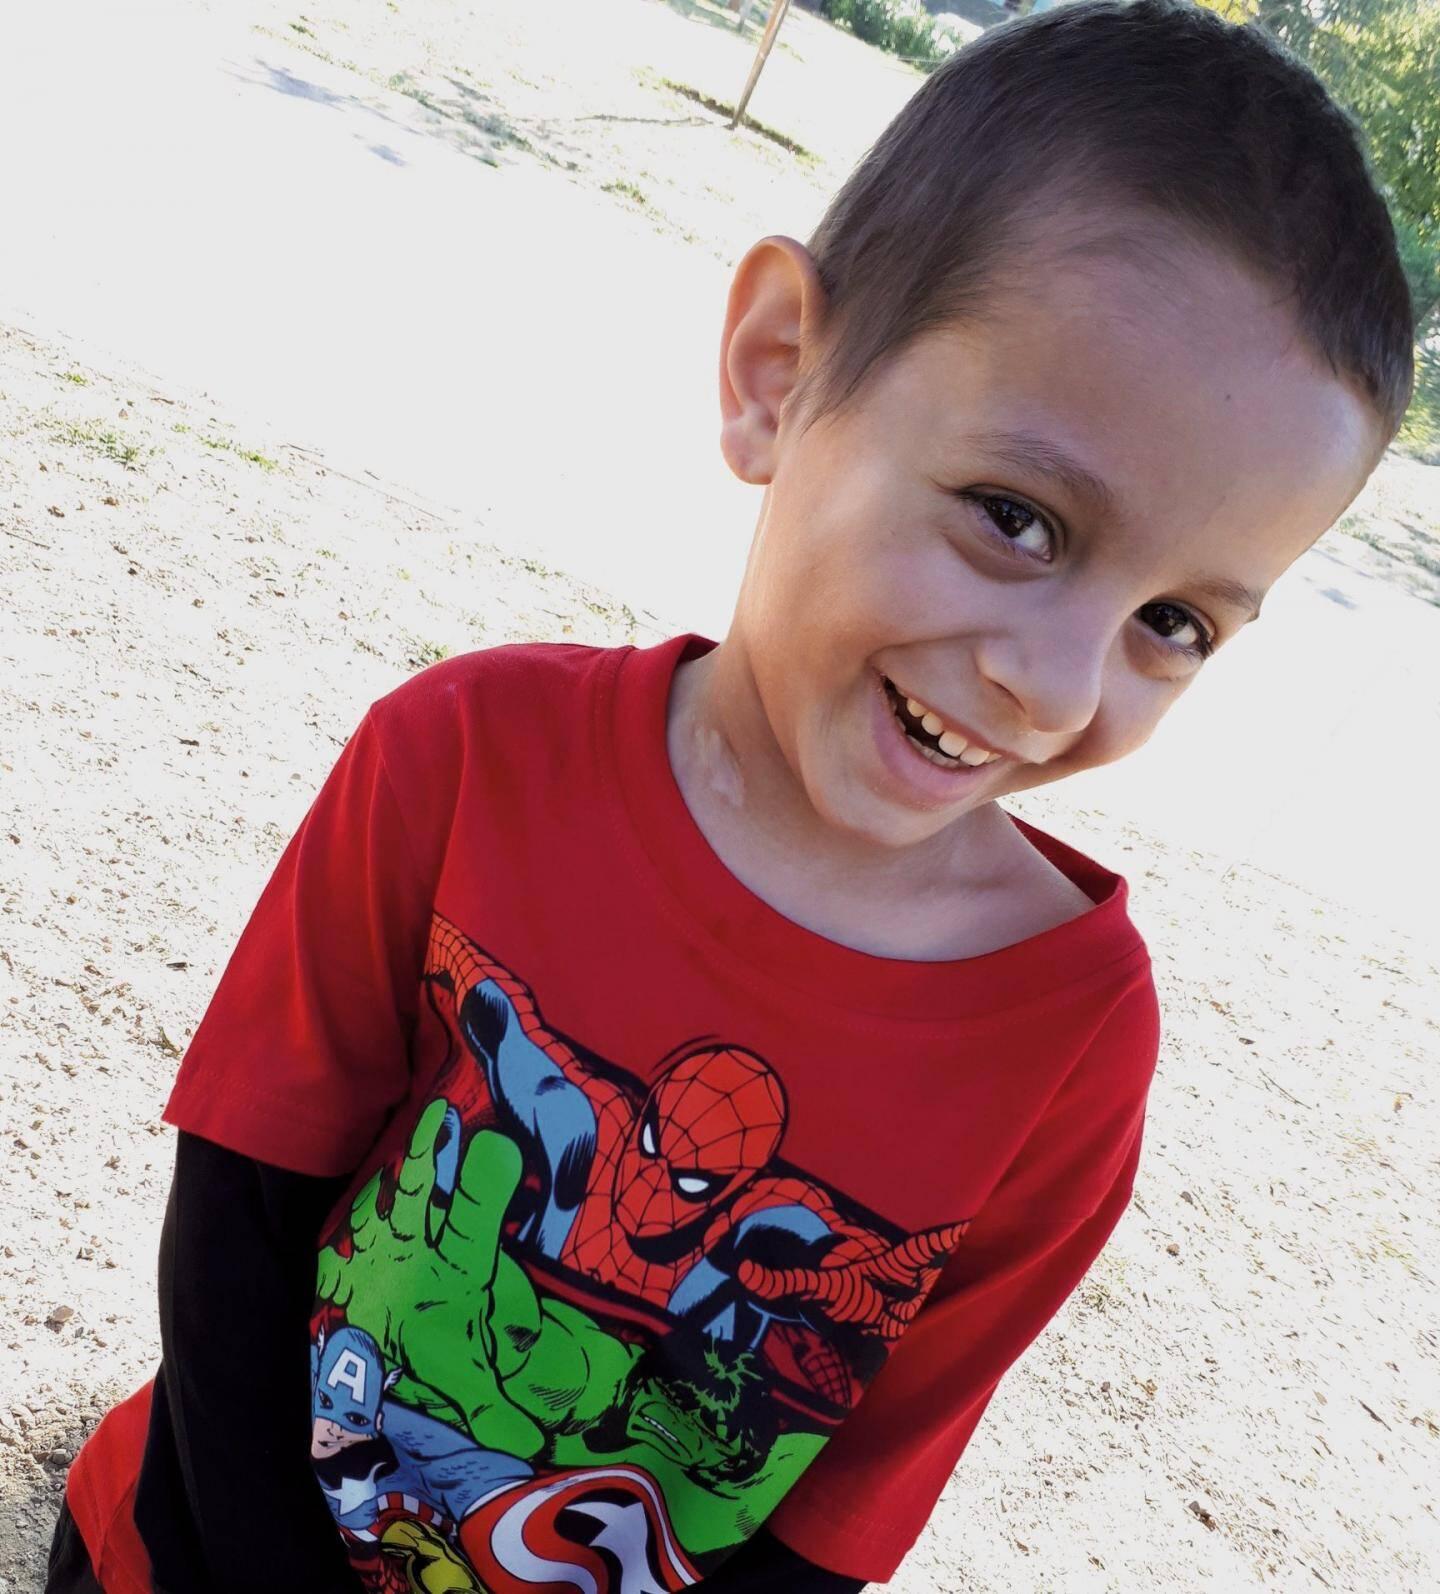 Evan (6 ans) est en classe de maternelle Montessori à Lorgues. Il livre, depuis plus d'un an, un combat contre un neuroblastome métastasé. Son rêve : voir les dauphins et des baleines dans leur milieu naturel.